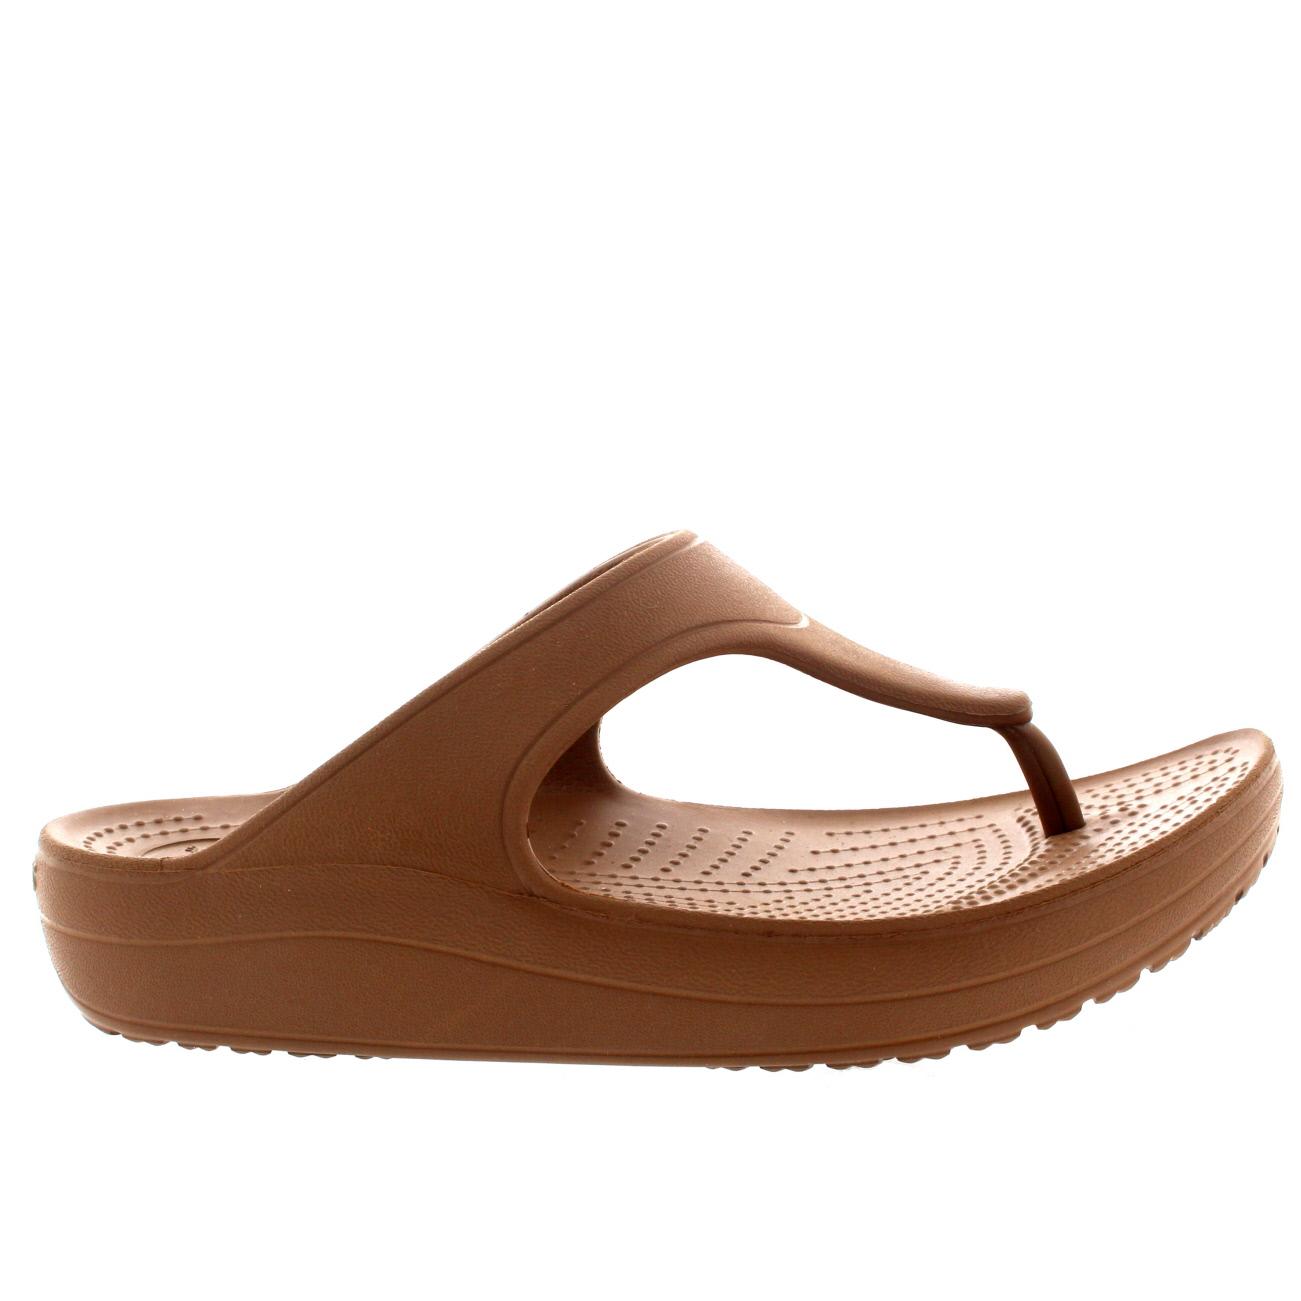 New  View All Sandals  Flipflops  View All Crocs Sandals  Flipflops